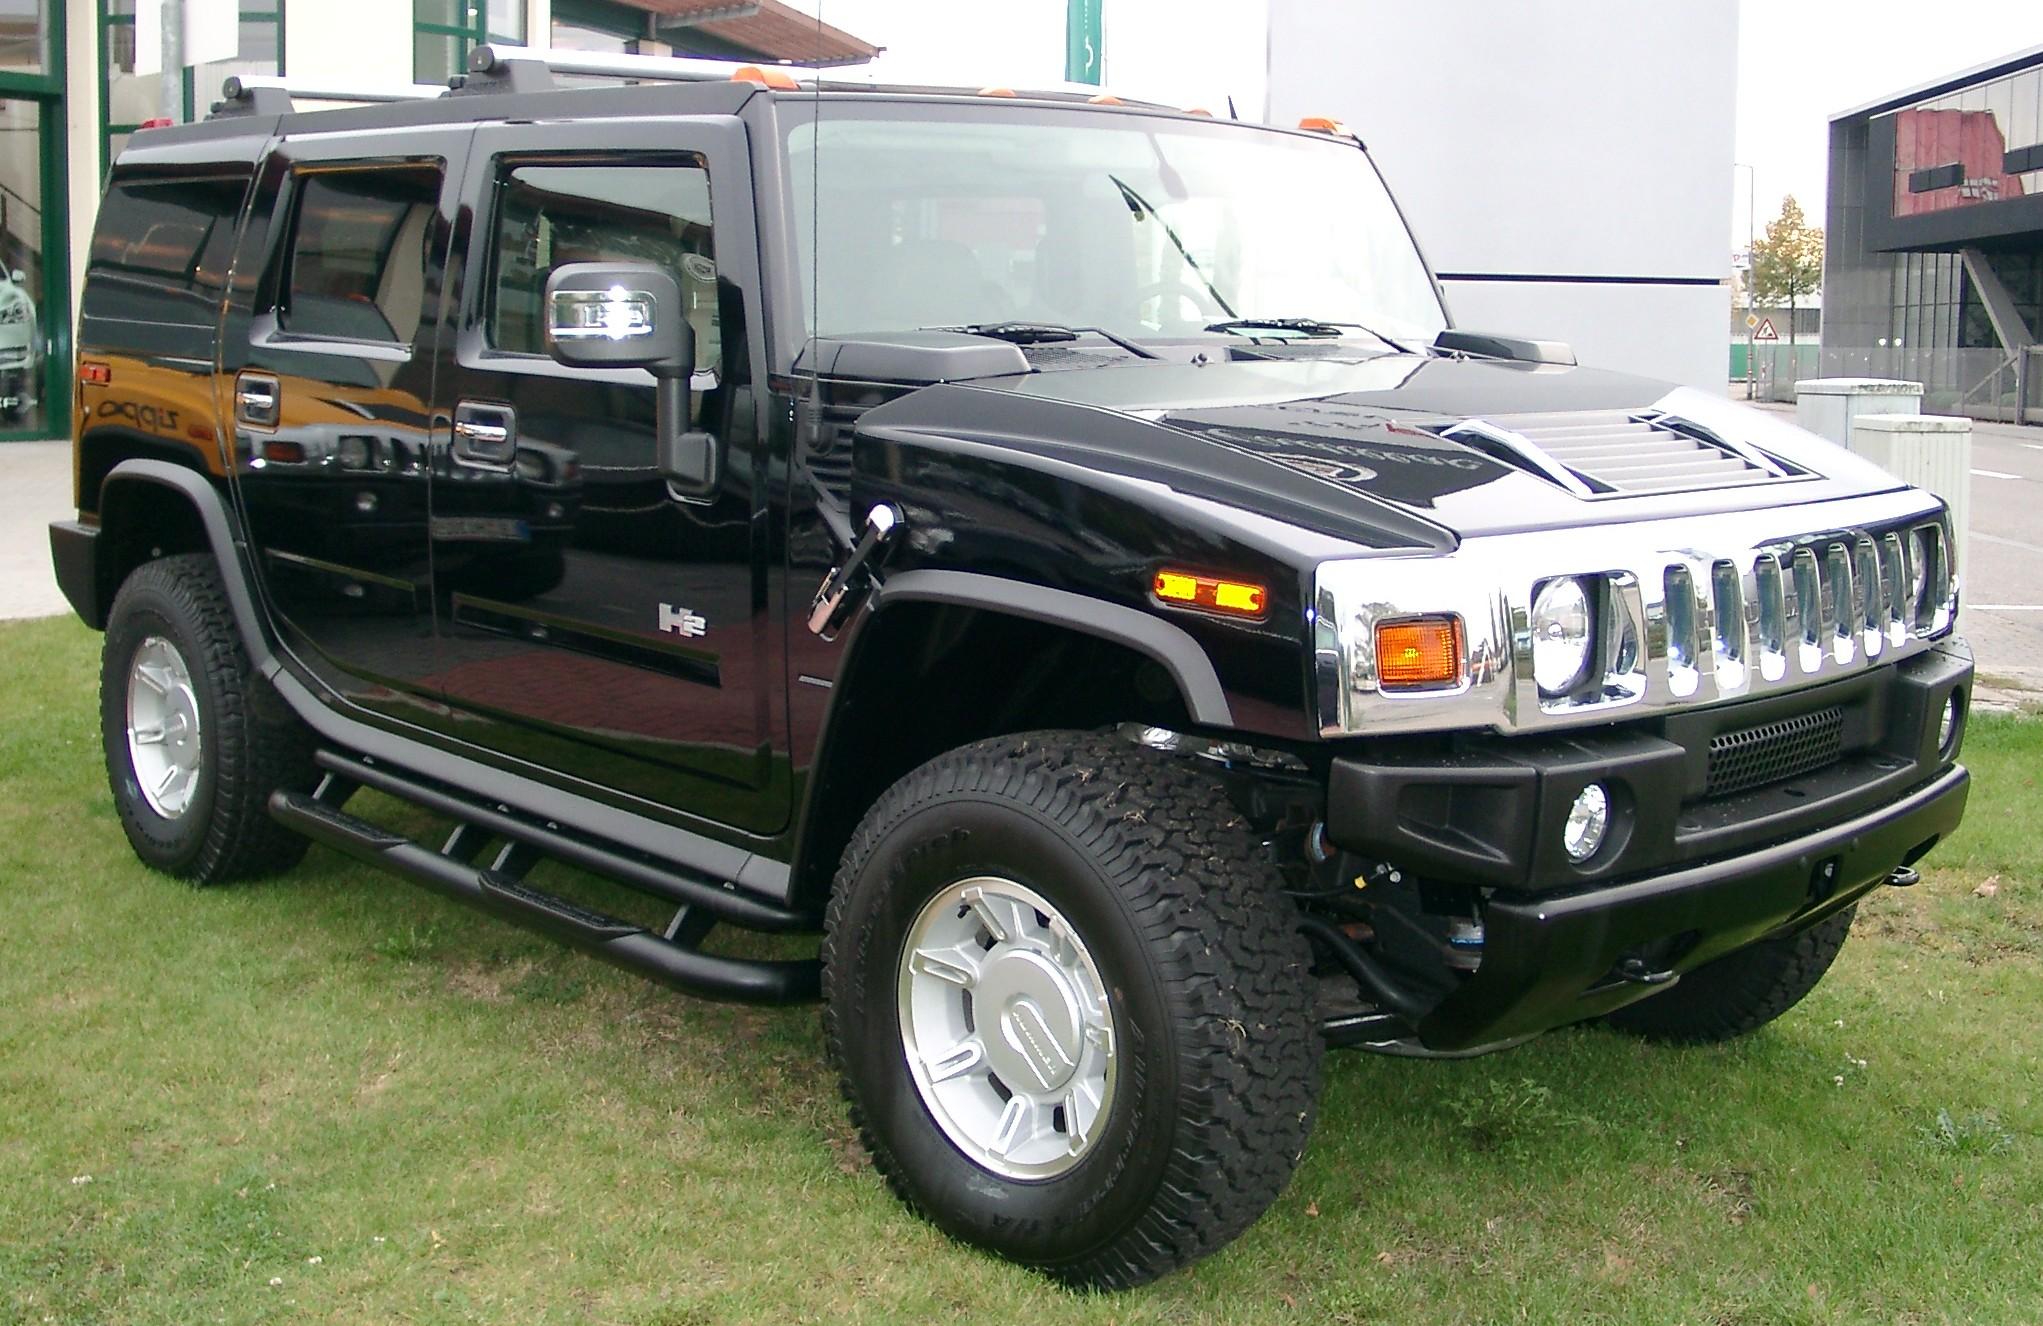 File:Hummer H2 front 20070928.jpg